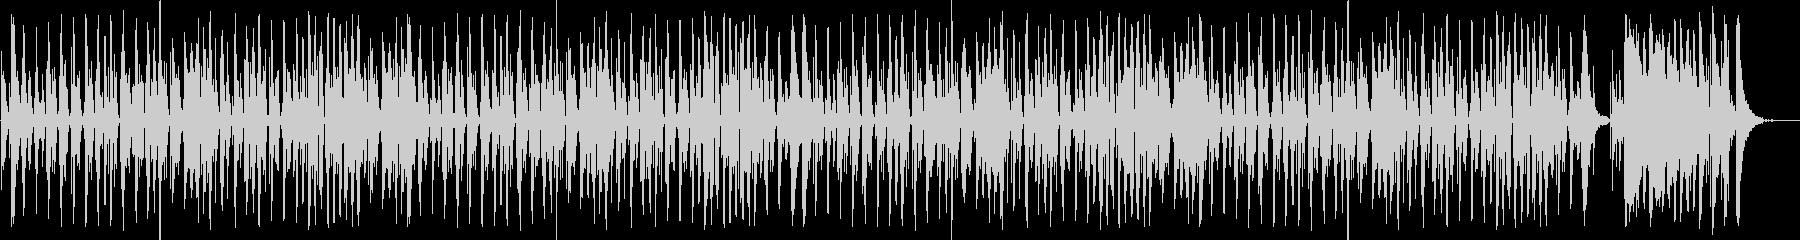 コメディー-ユーモラス-気まぐれ。...の未再生の波形